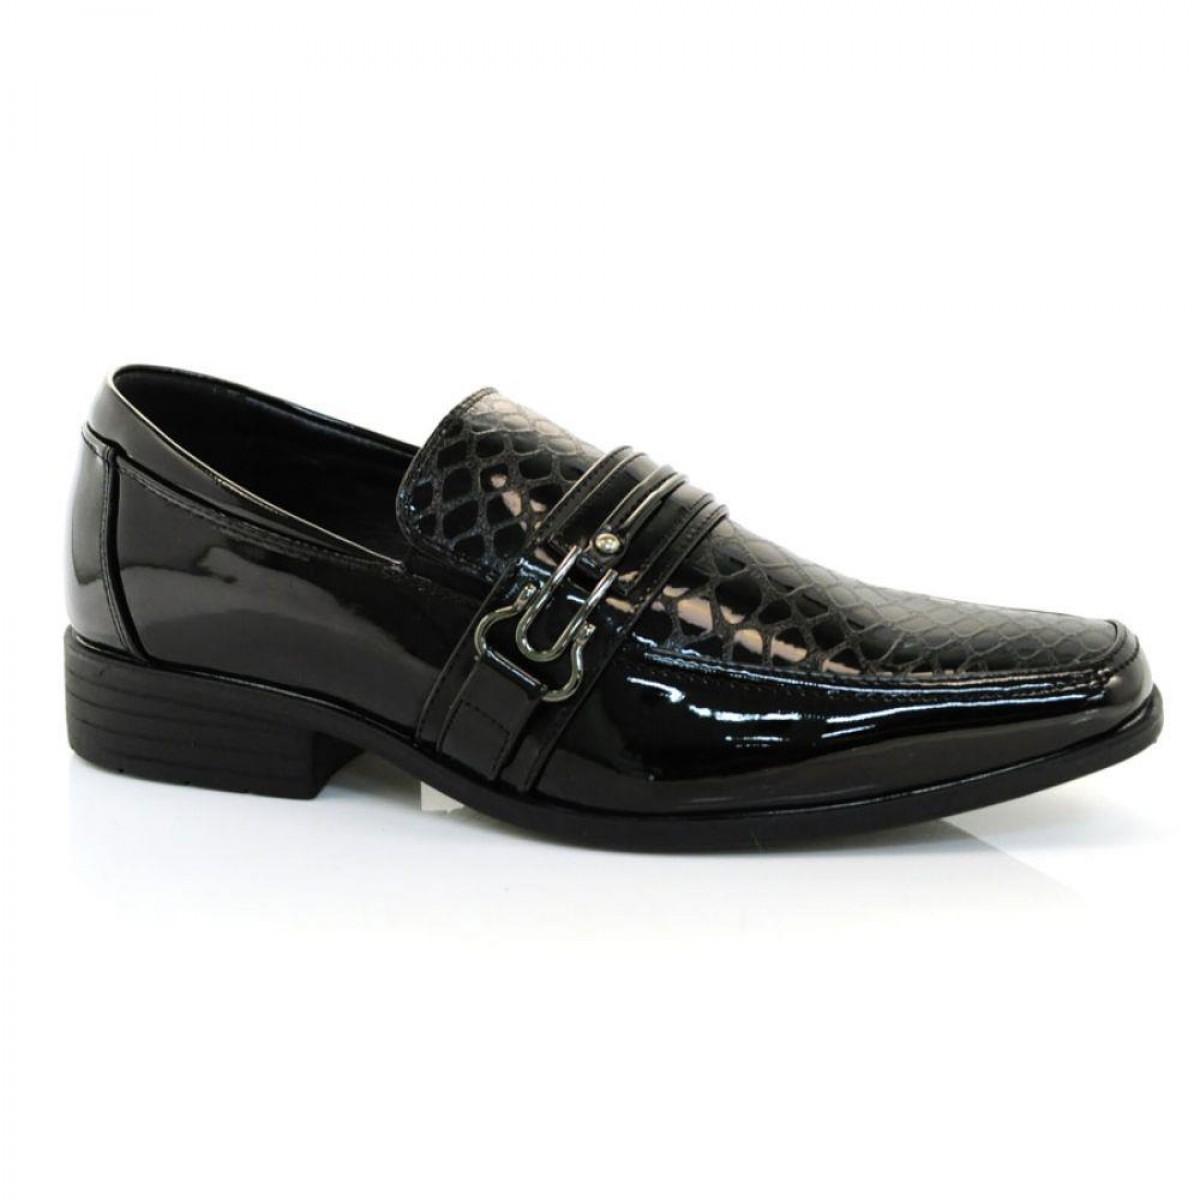 e2af2551bb Sapato Broken Rules Masculino Preto - Compre Agora